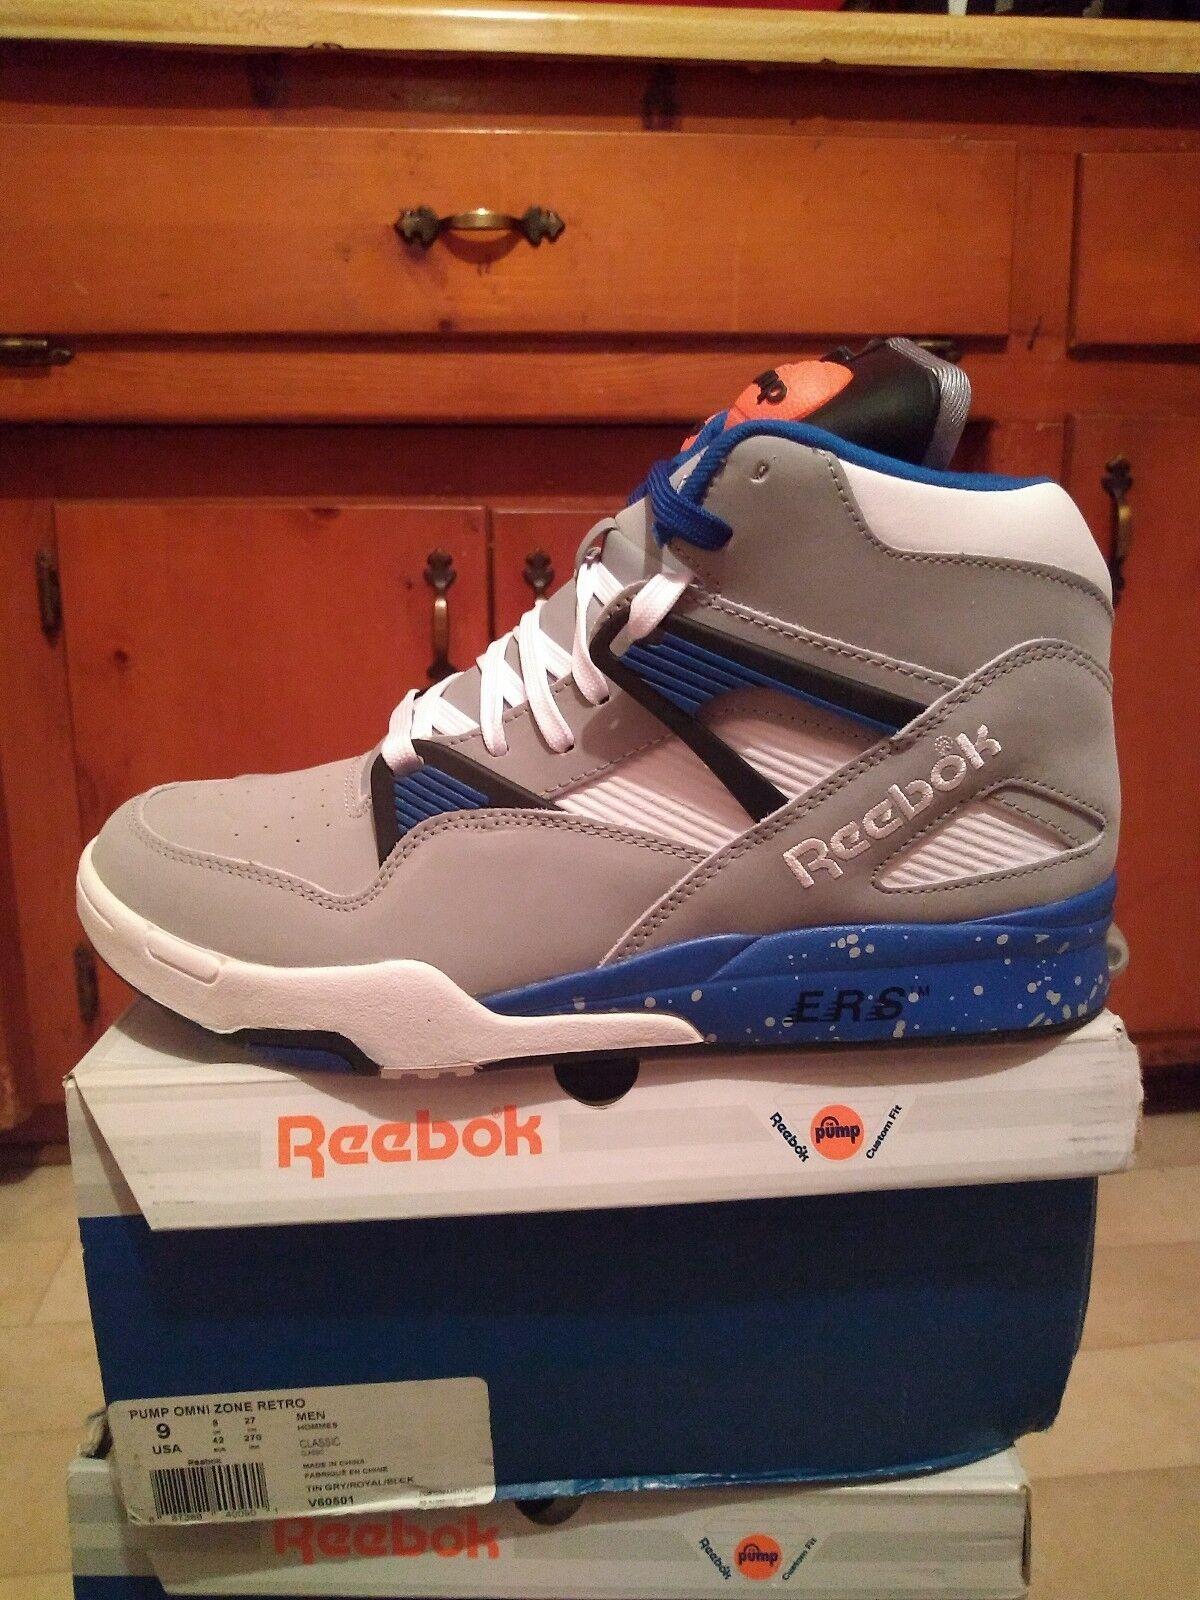 Reebok Pump Omni Lite Grey bluee White Size 9